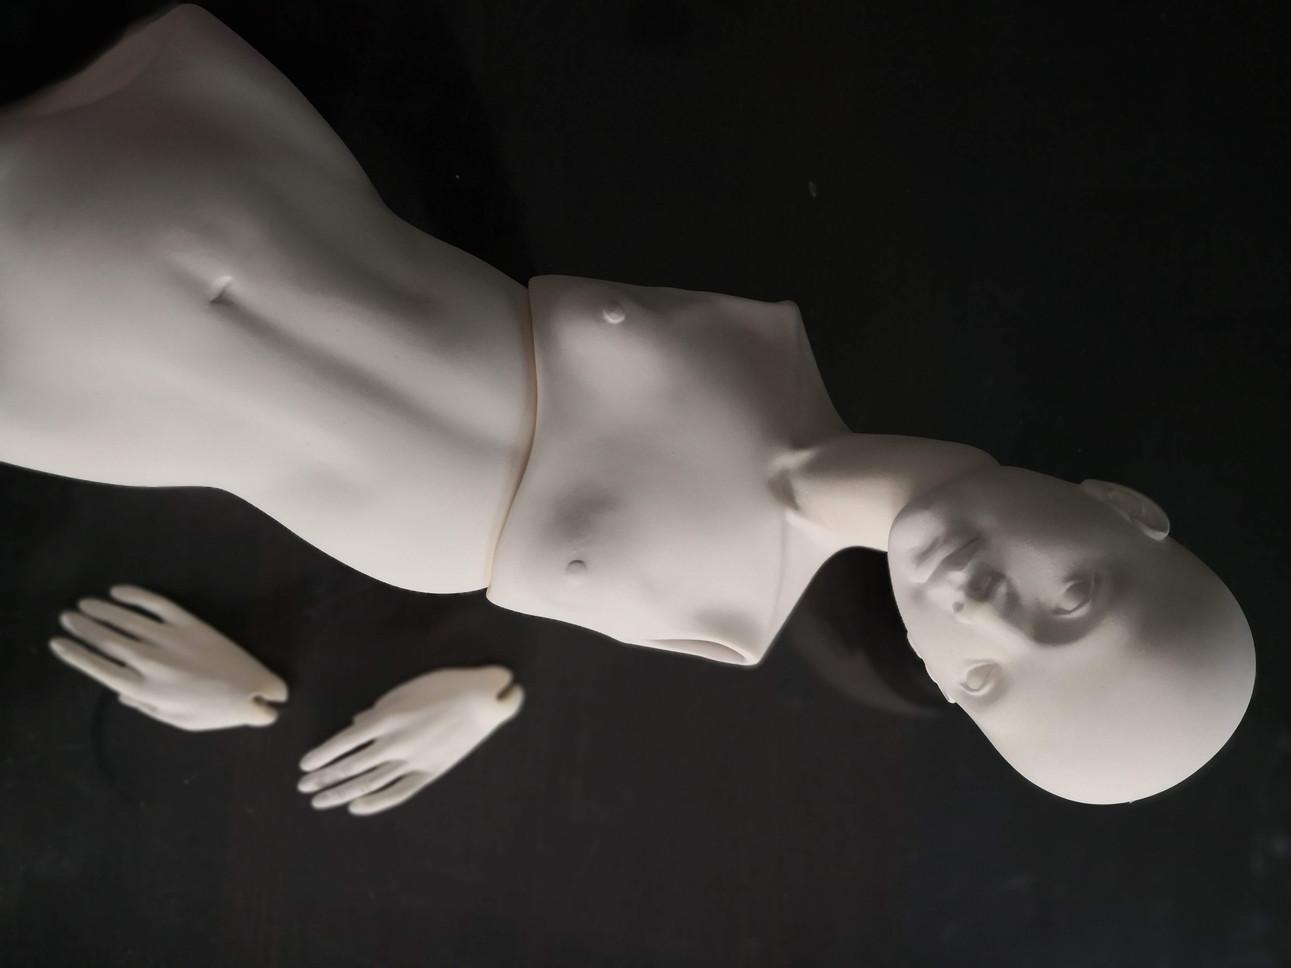 сборка шарнирной куклы из фарфора